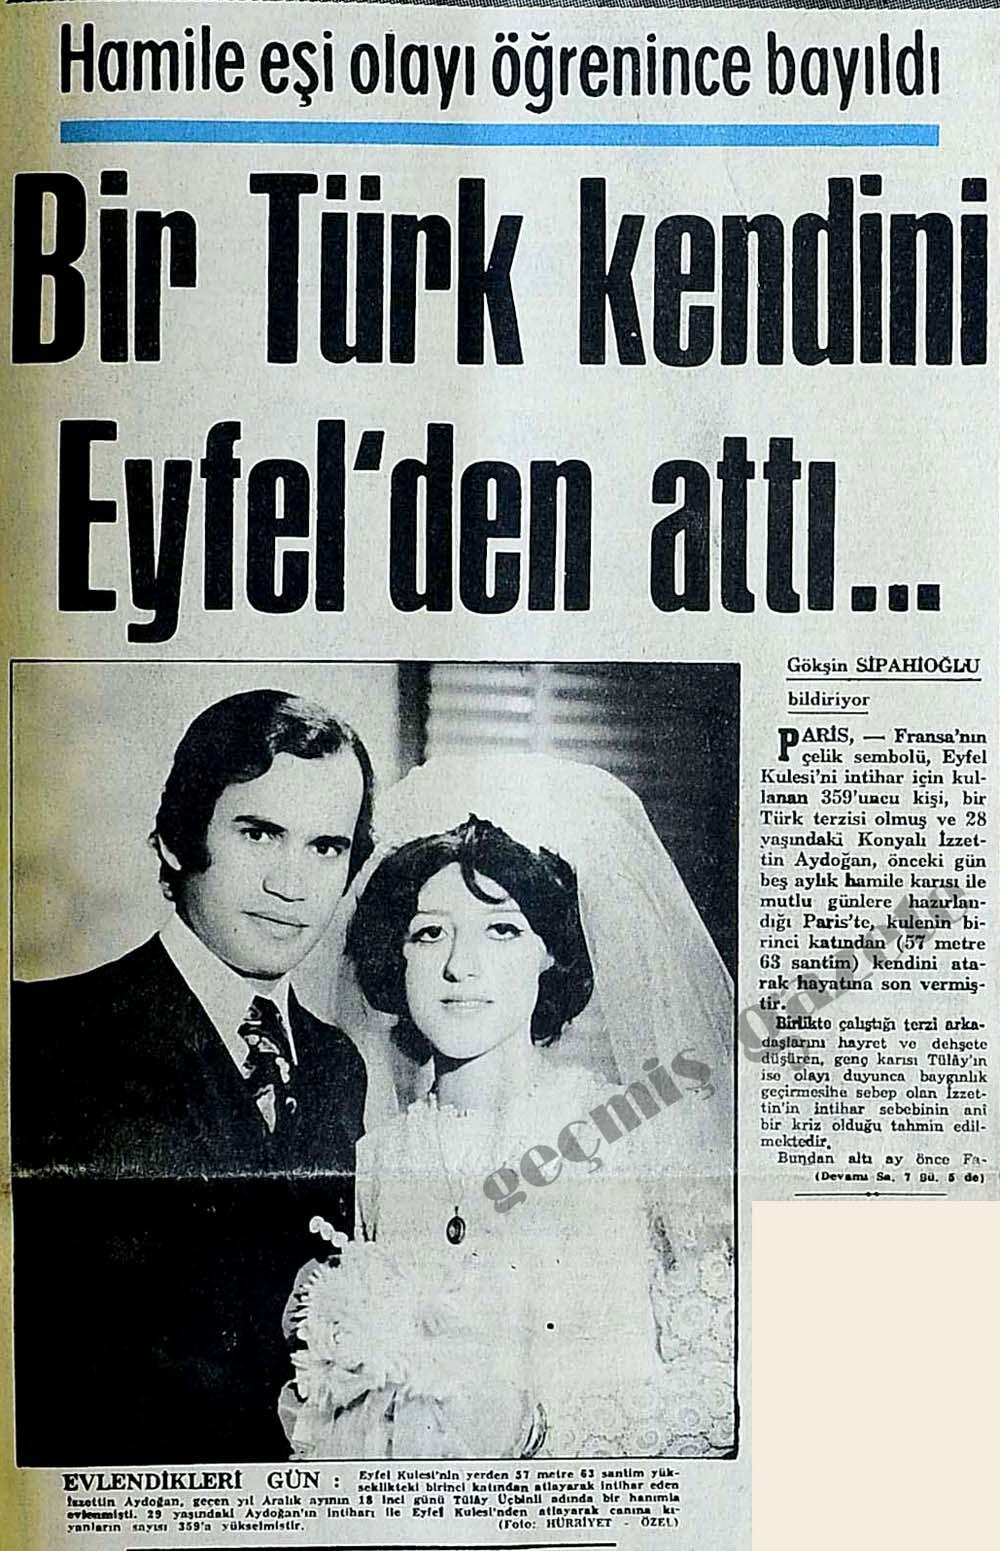 Bir Türk kendini Eyfel'den attı...